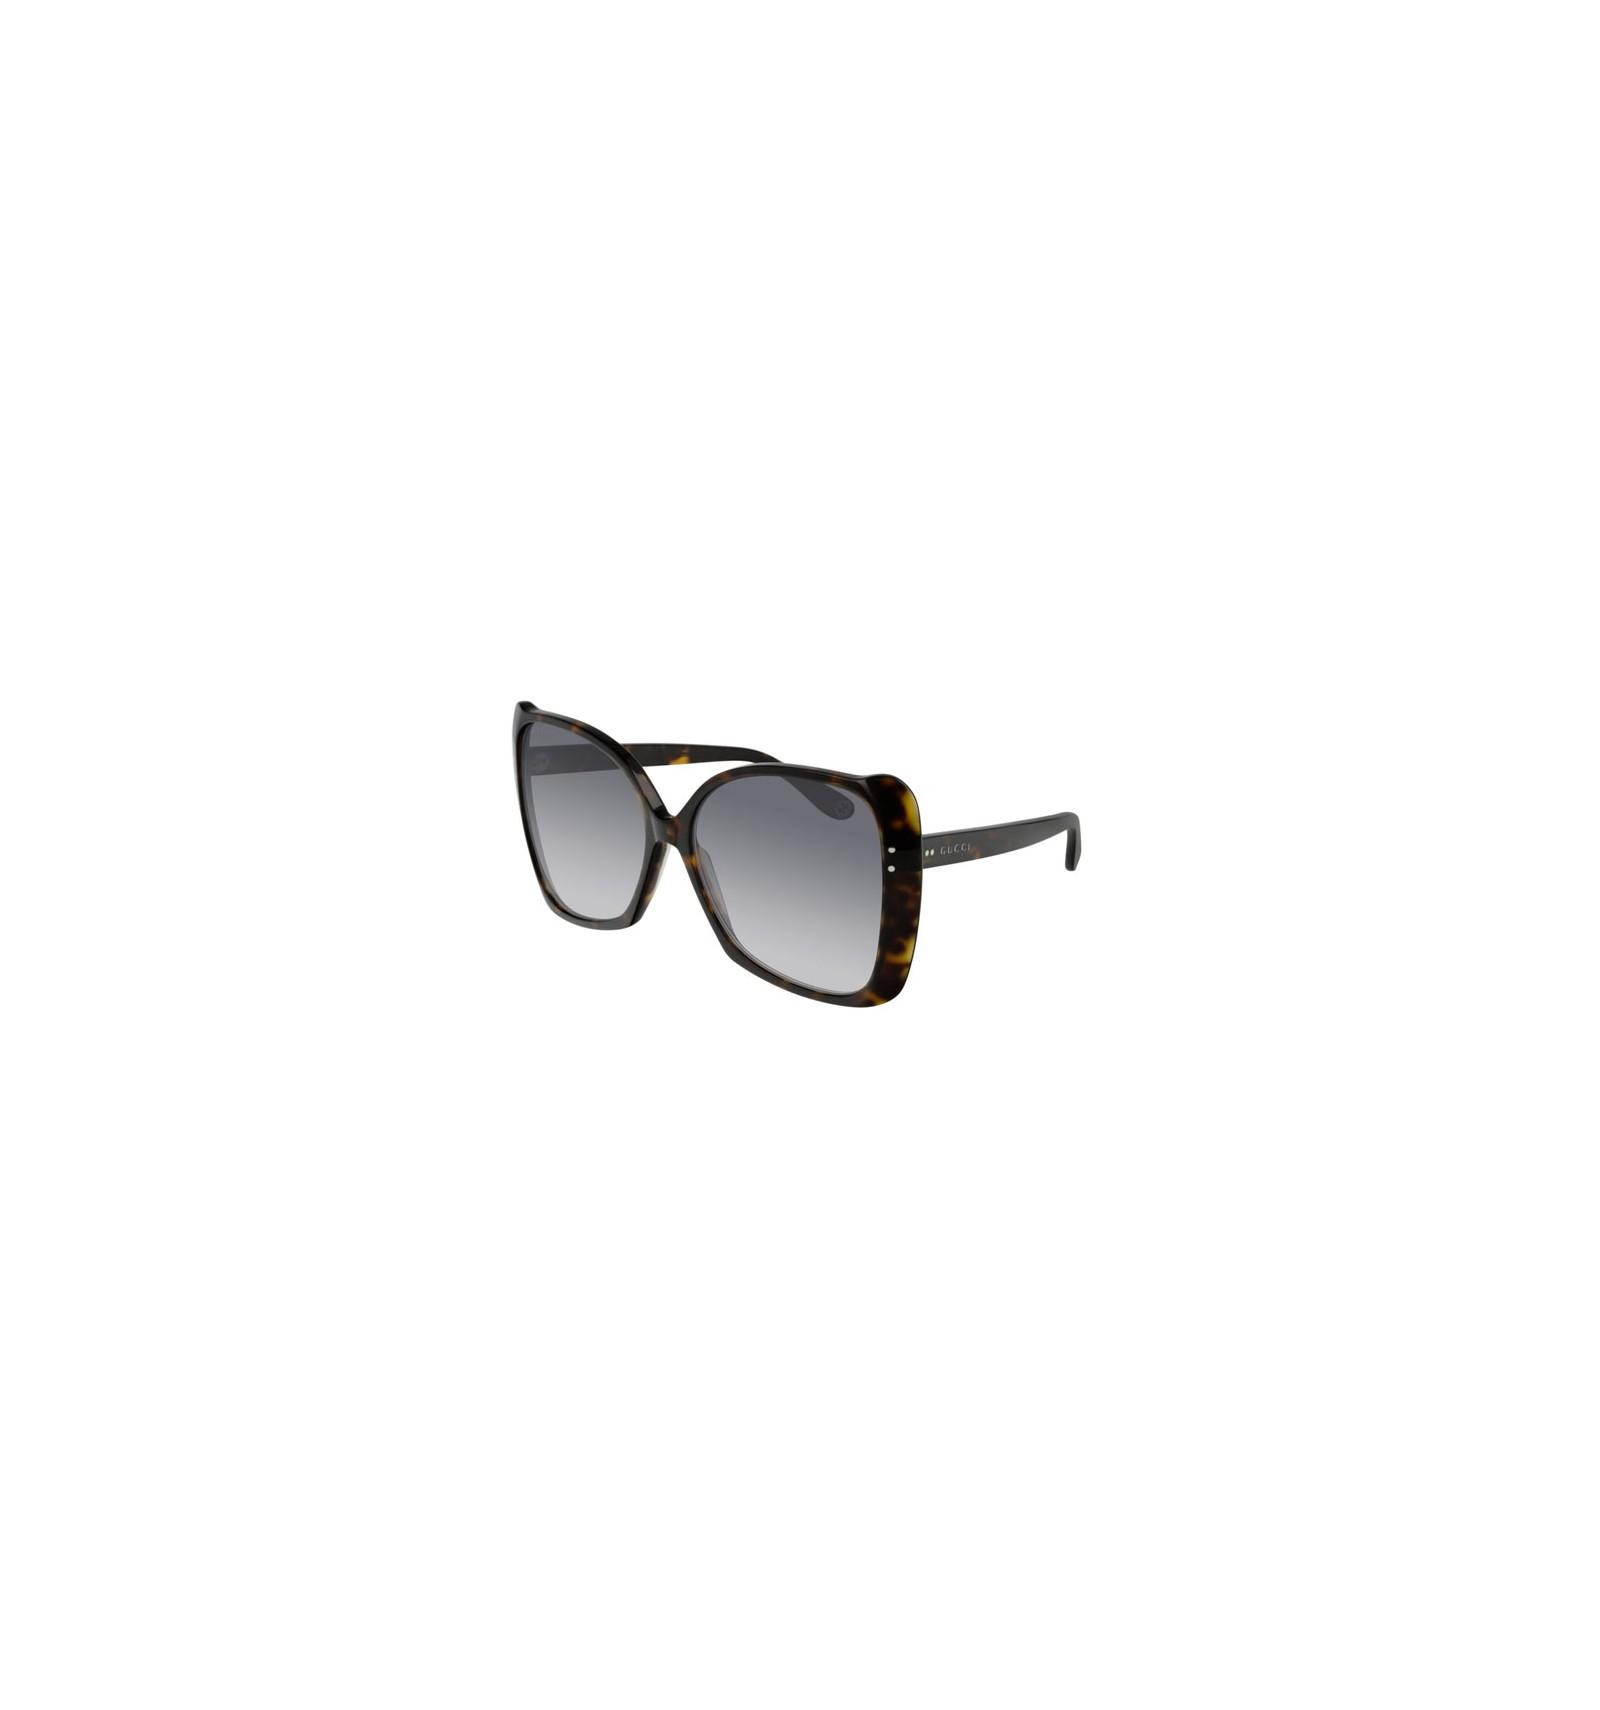 162ed6891f Nuevo 2019 Nuevo Gafas de Sol GUCCI GG0471S Havana - Grey Gradient (002)